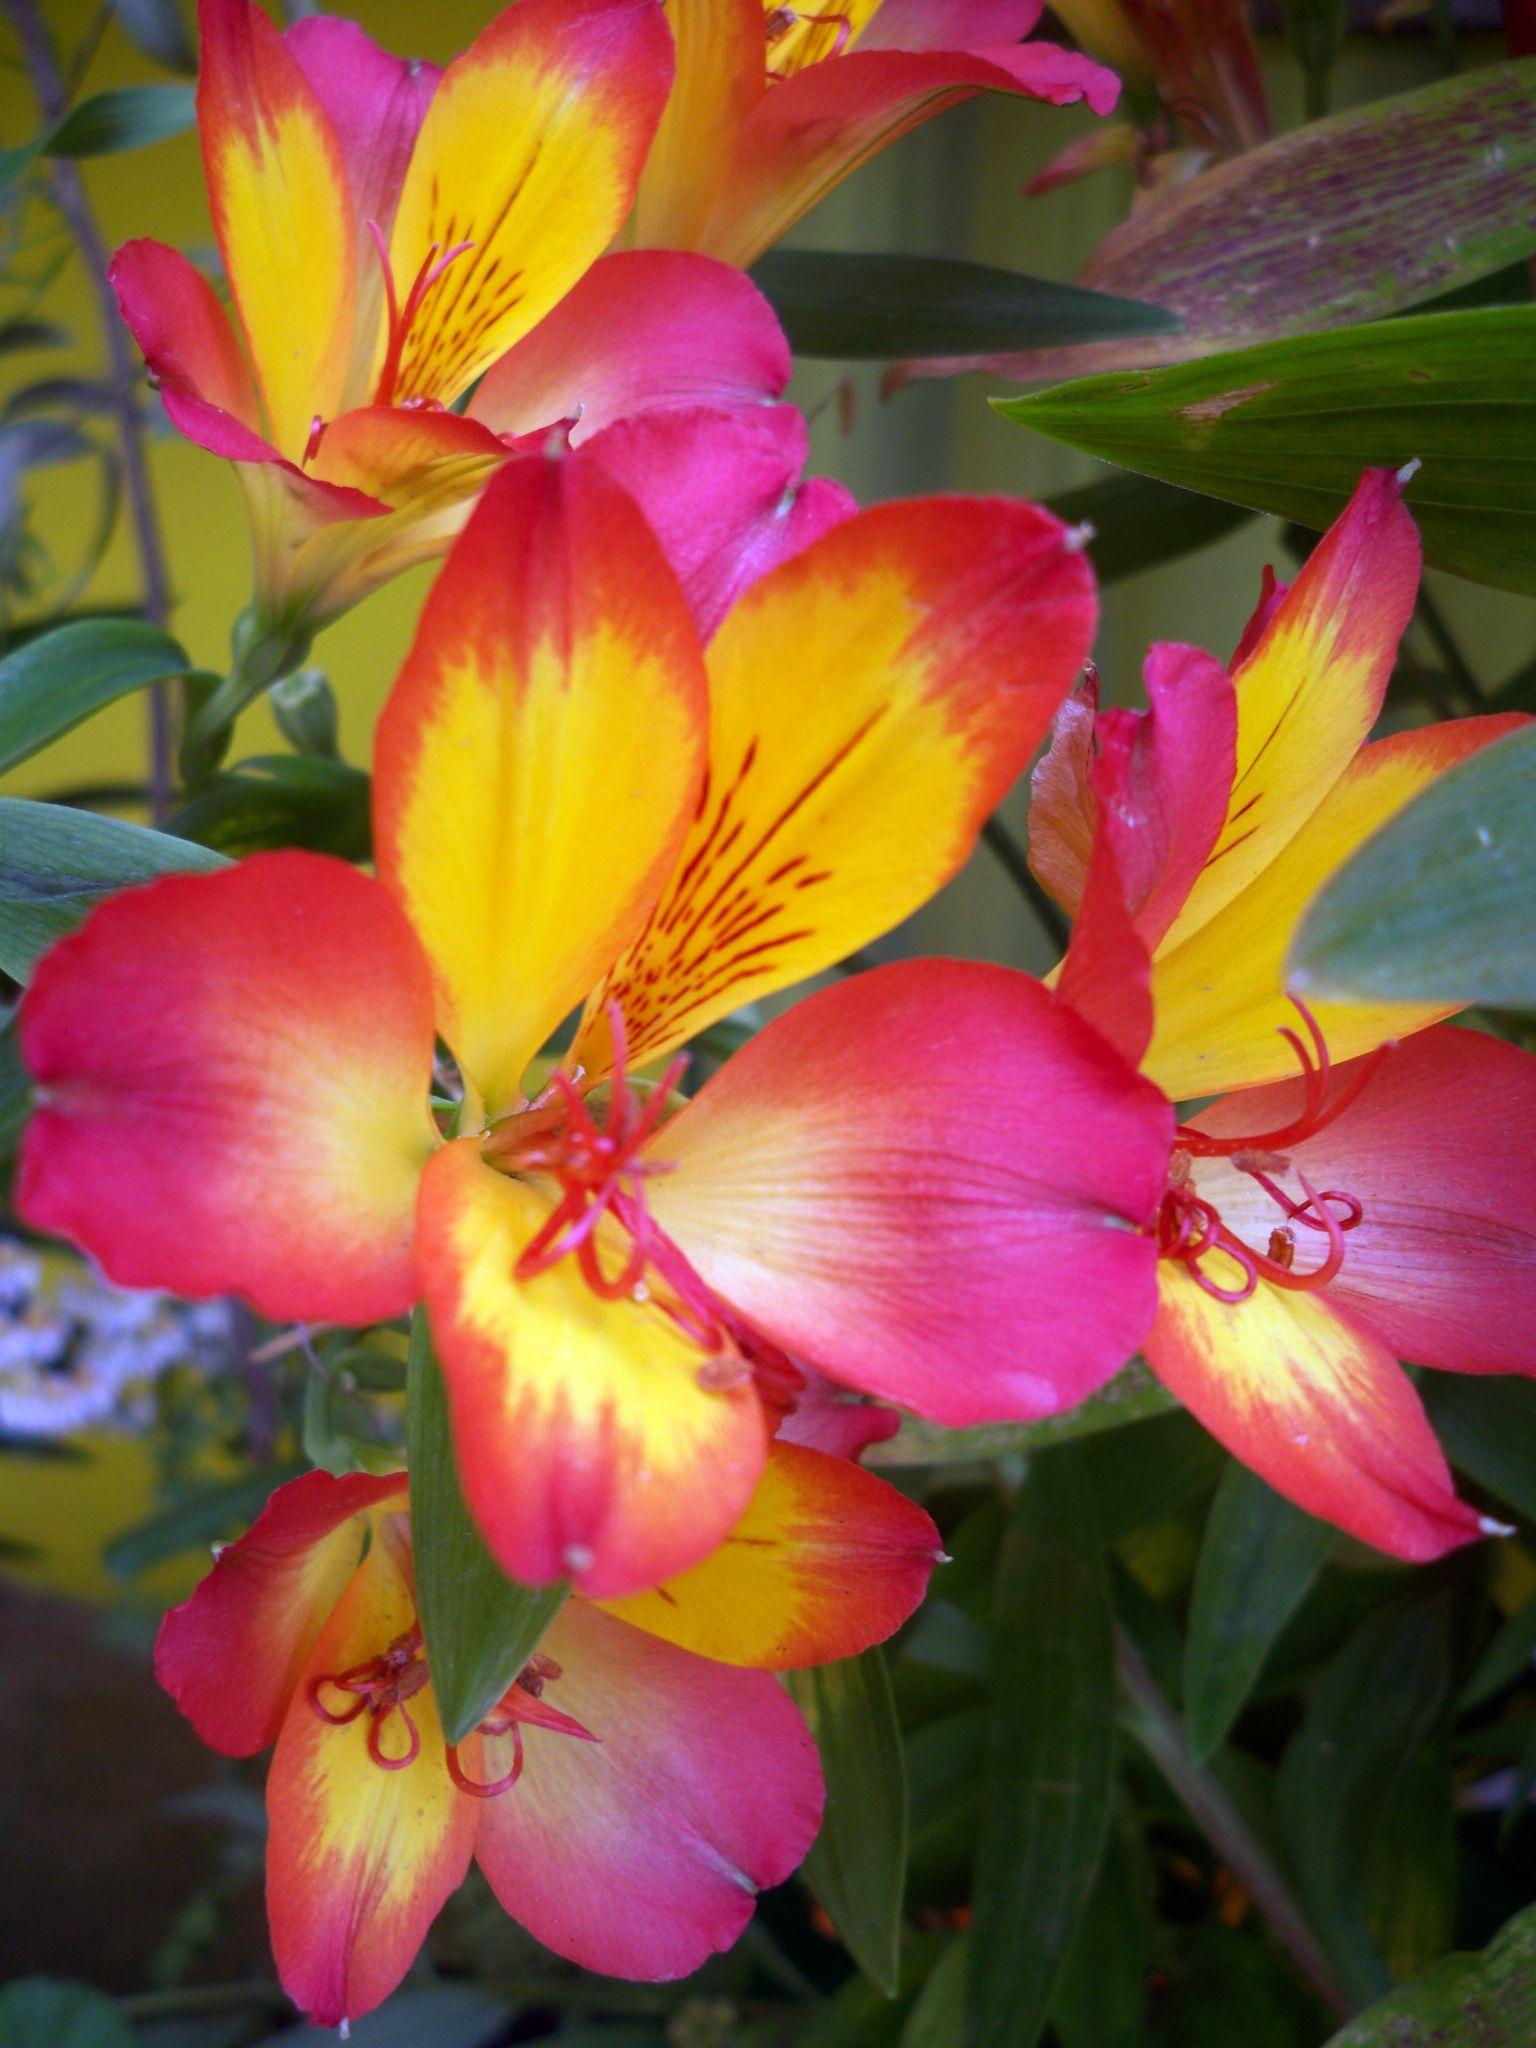 Flower by bodhisatya